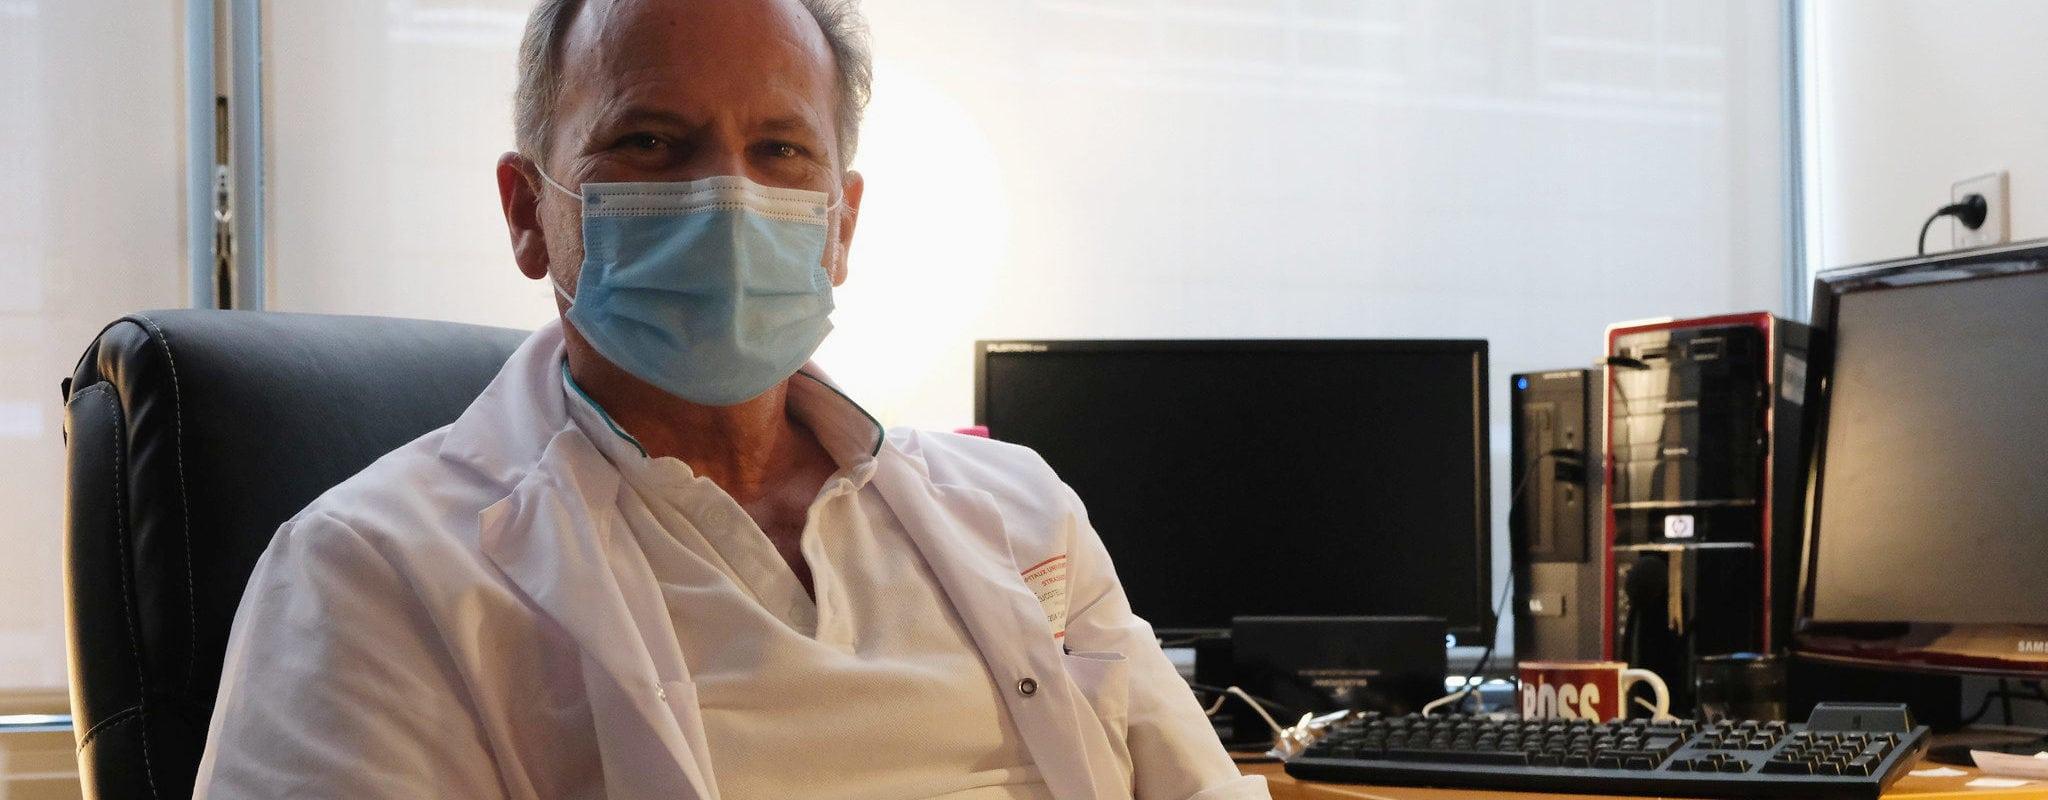 «Sans revalorisation, l'hôpital public va devenir un mouroir», alerte un chirurgien strasbourgeois